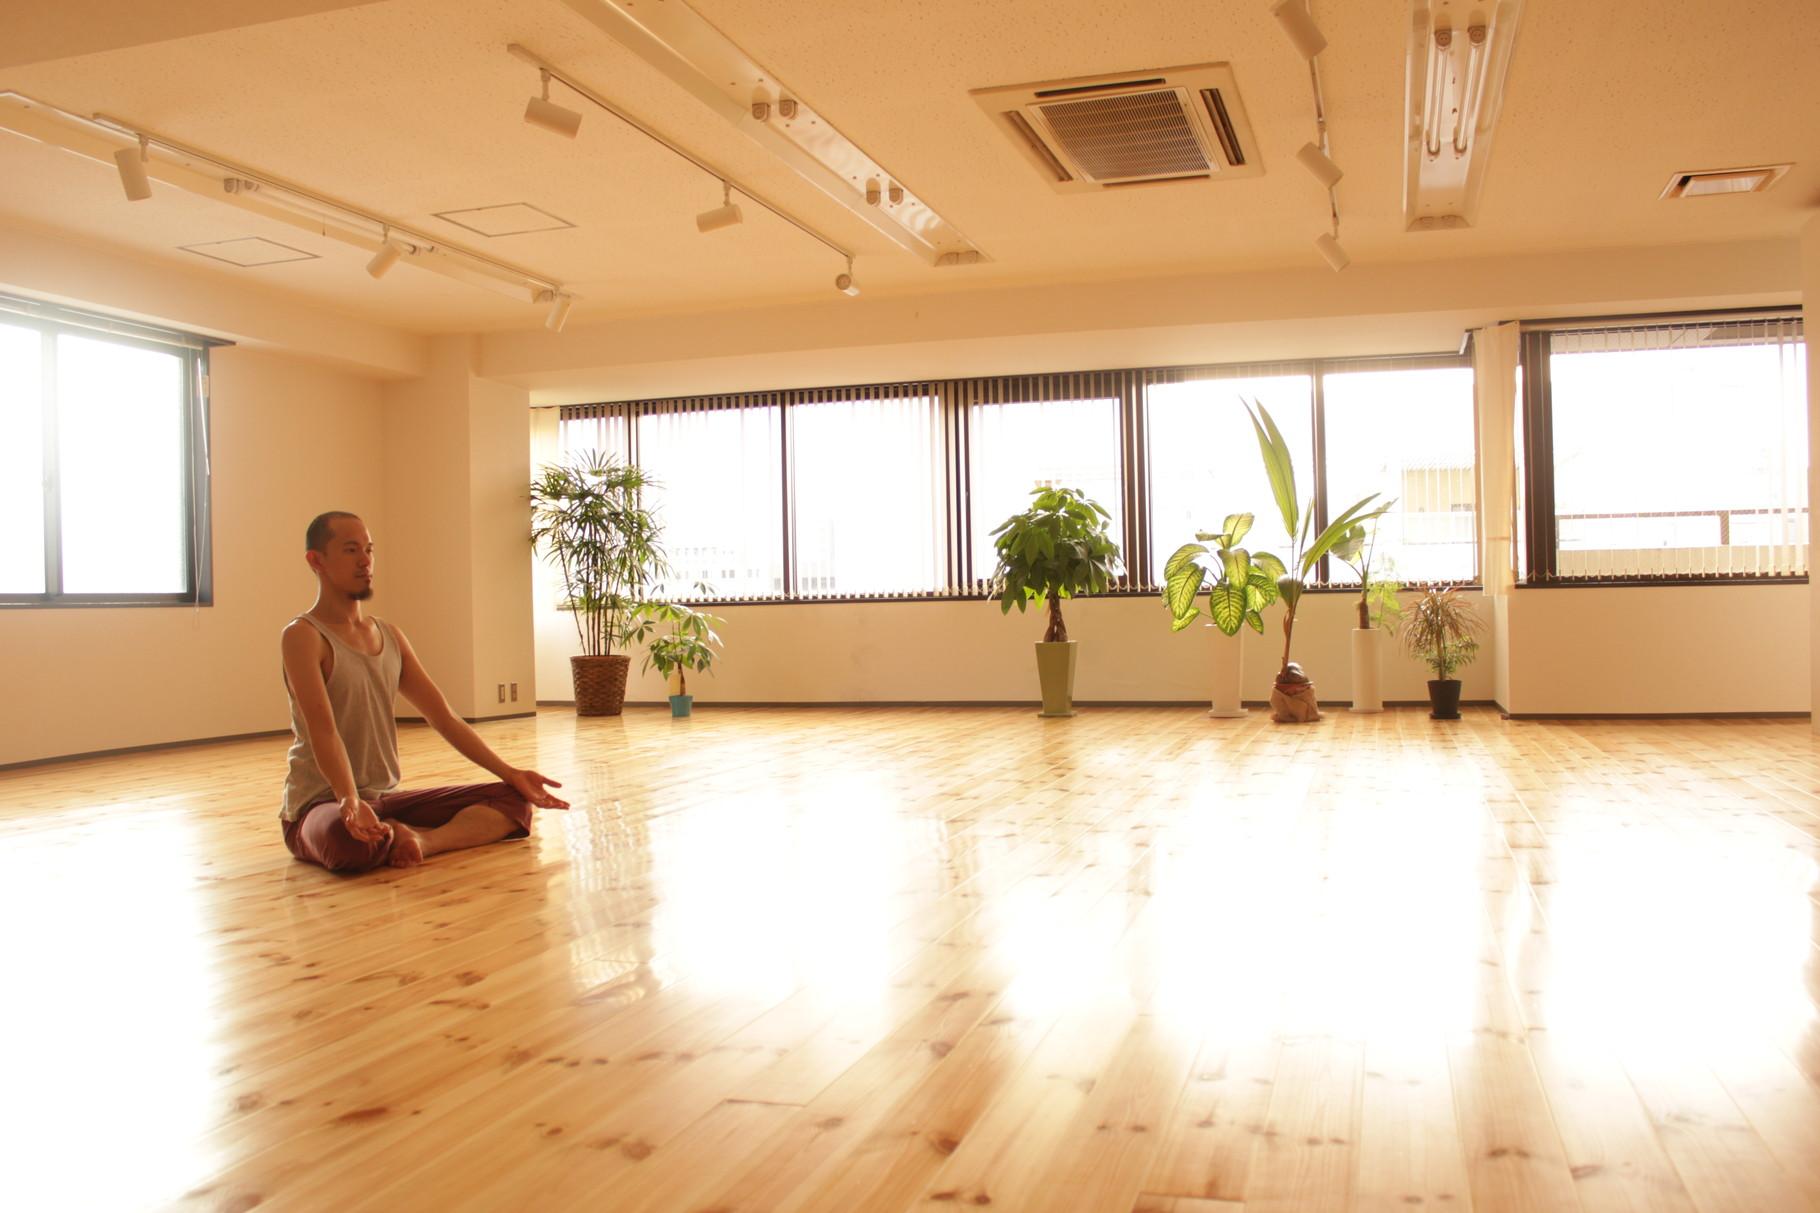 スタジオは、 男性の方でも伸び伸び動ける広い空間です。 ナマッた体をうごかし、 スッキリッ!